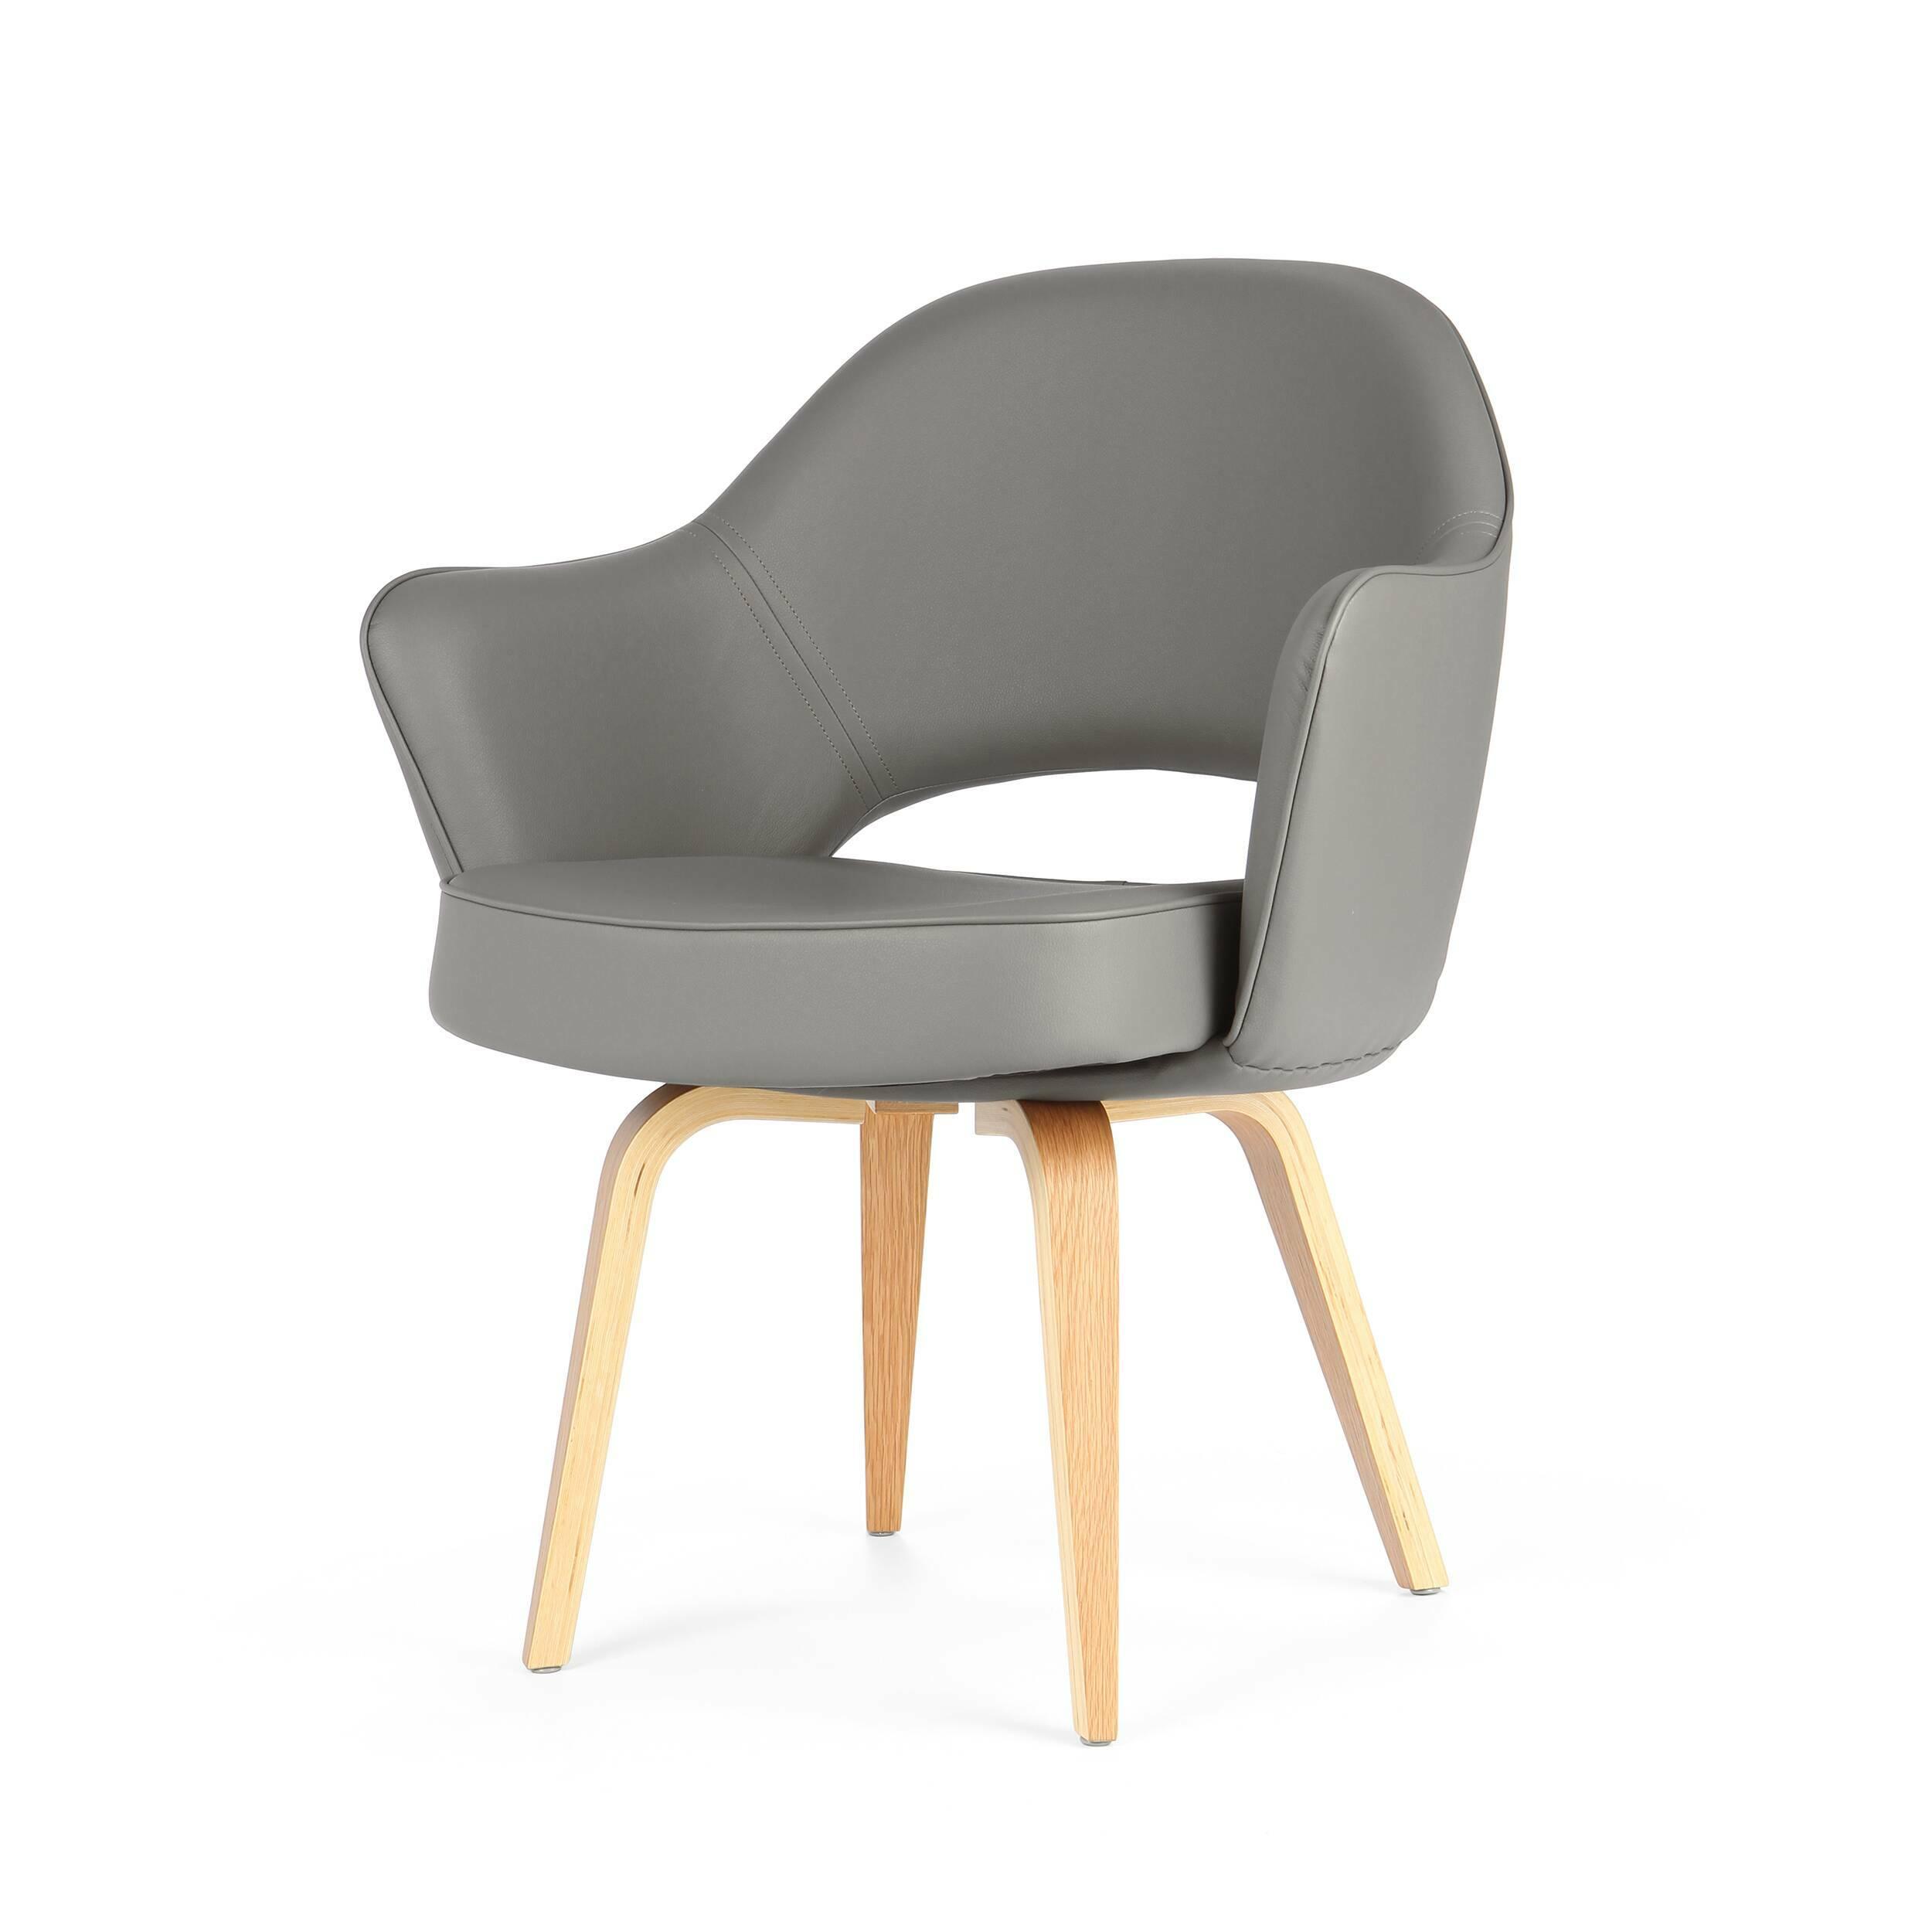 Кресло Executive с деревянными ножкамиИнтерьерные<br>Оригинальный, совершенно не скучный дизайн этого предмета привлечет внимание даже самого искушенного ценителя стильного оформления домашнего интерьера. Кресло Executive с деревянными ножками обладает очень удобной спинкой, которая позволит вам отдохнуть с наибольшим комфортом, и глубоким сиденьем. А высокие сплошные подлокотники создадут приятное ощущение психологического комфорта и уютной домашней атмосферы.<br><br><br> Изделие изготовлено из высококачественных материалов, что обеспечивает ег...<br><br>stock: 9<br>Высота: 82,5<br>Высота сиденья: 46<br>Ширина: 68,5<br>Глубина: 62,5<br>Цвет ножек: Белый дуб<br>Материал ножек: Массив дуба<br>Материал обивки: Кожа искусственная<br>Коллекция ткани: Premium Grade PU<br>Тип материала обивки: Полиуретан<br>Тип материала ножек: Дерево<br>Цвет обивки: Темно-серый